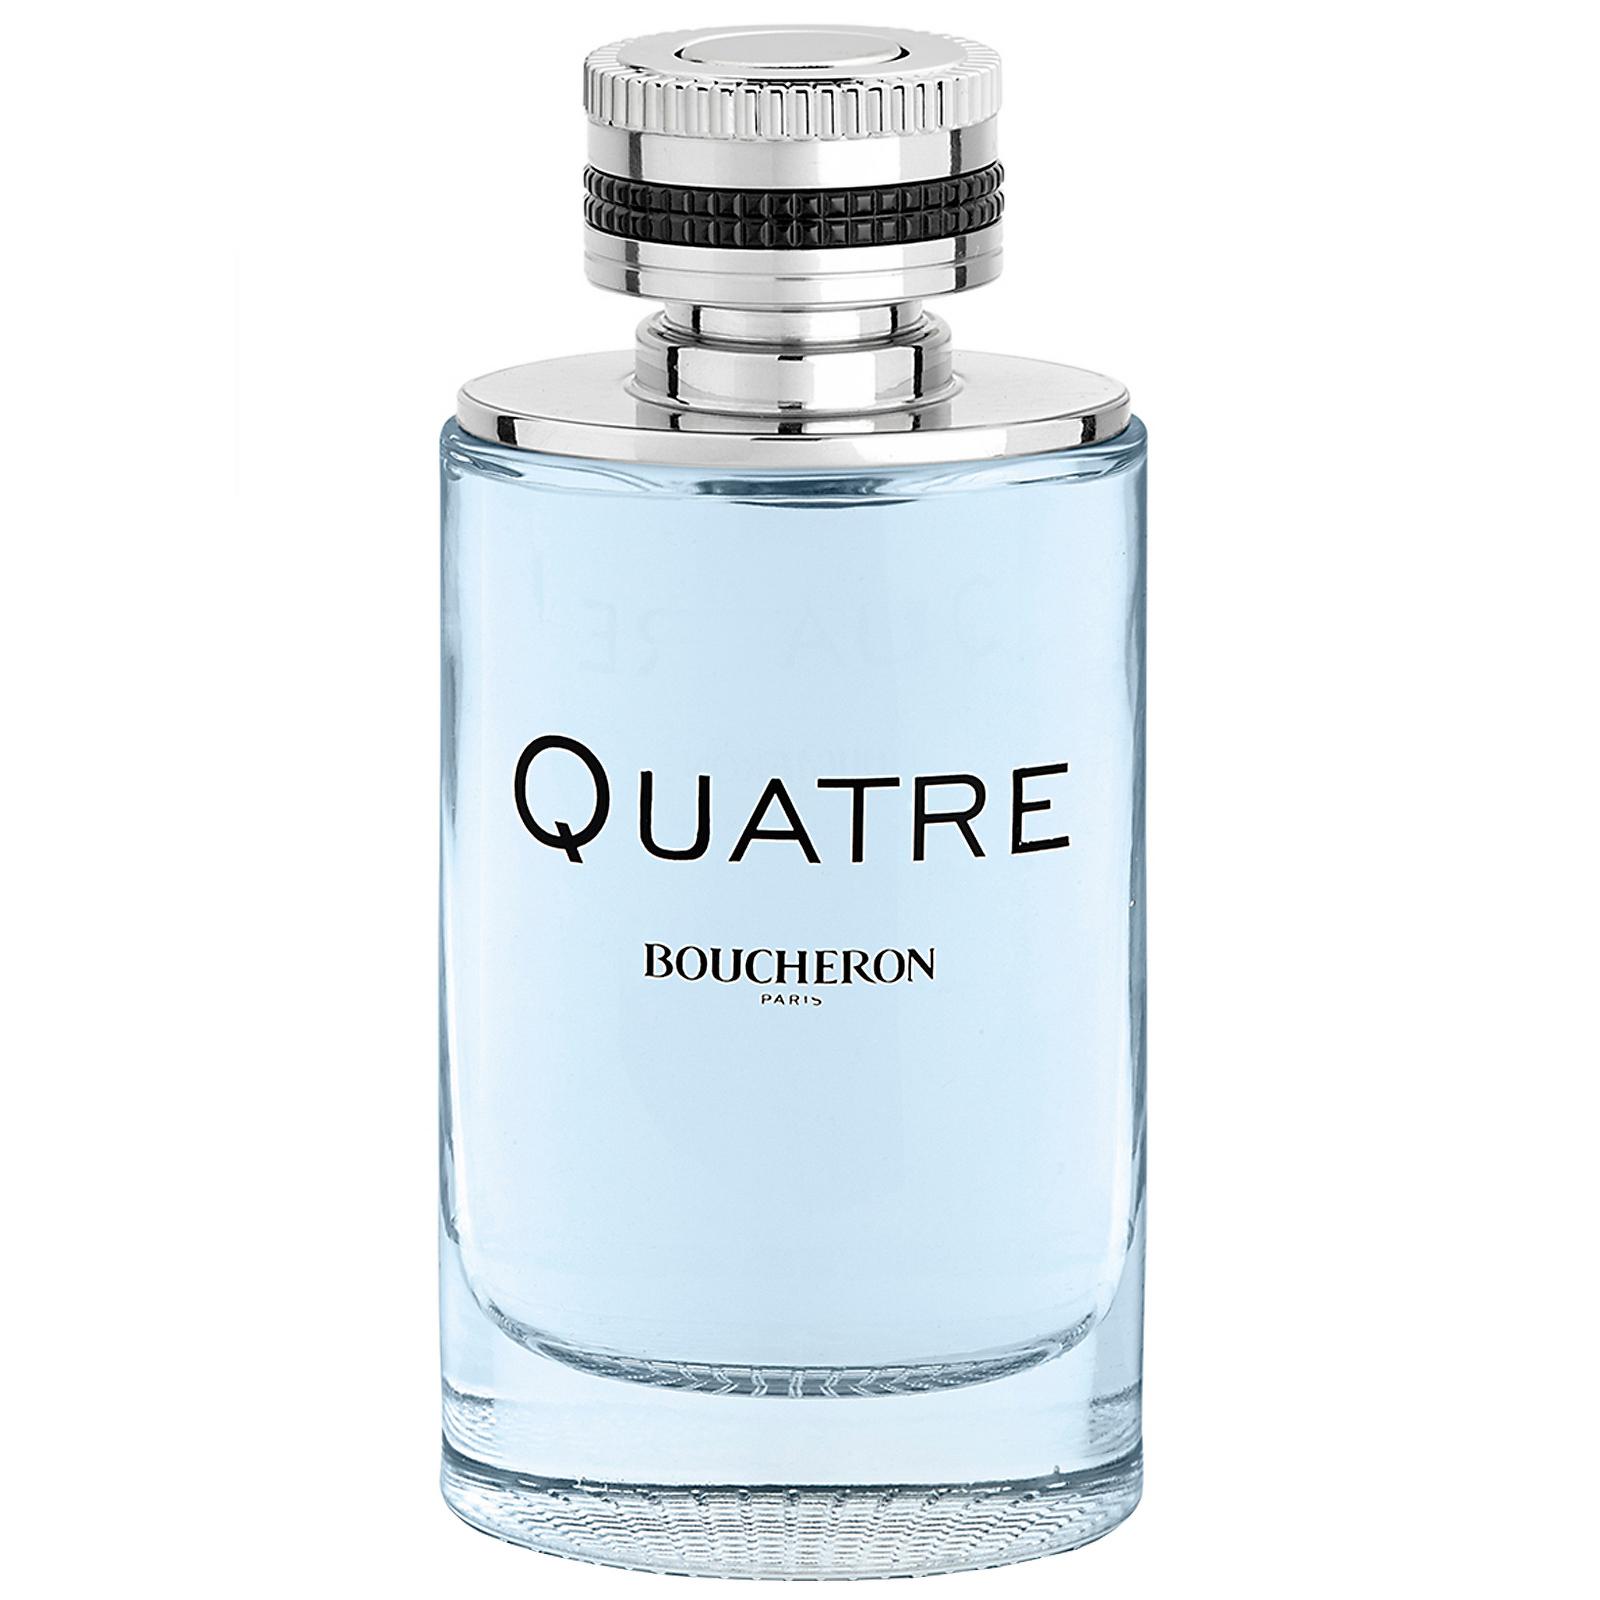 Boucheron, Quatre Homme (Eau de Toilette Spray 100ml)